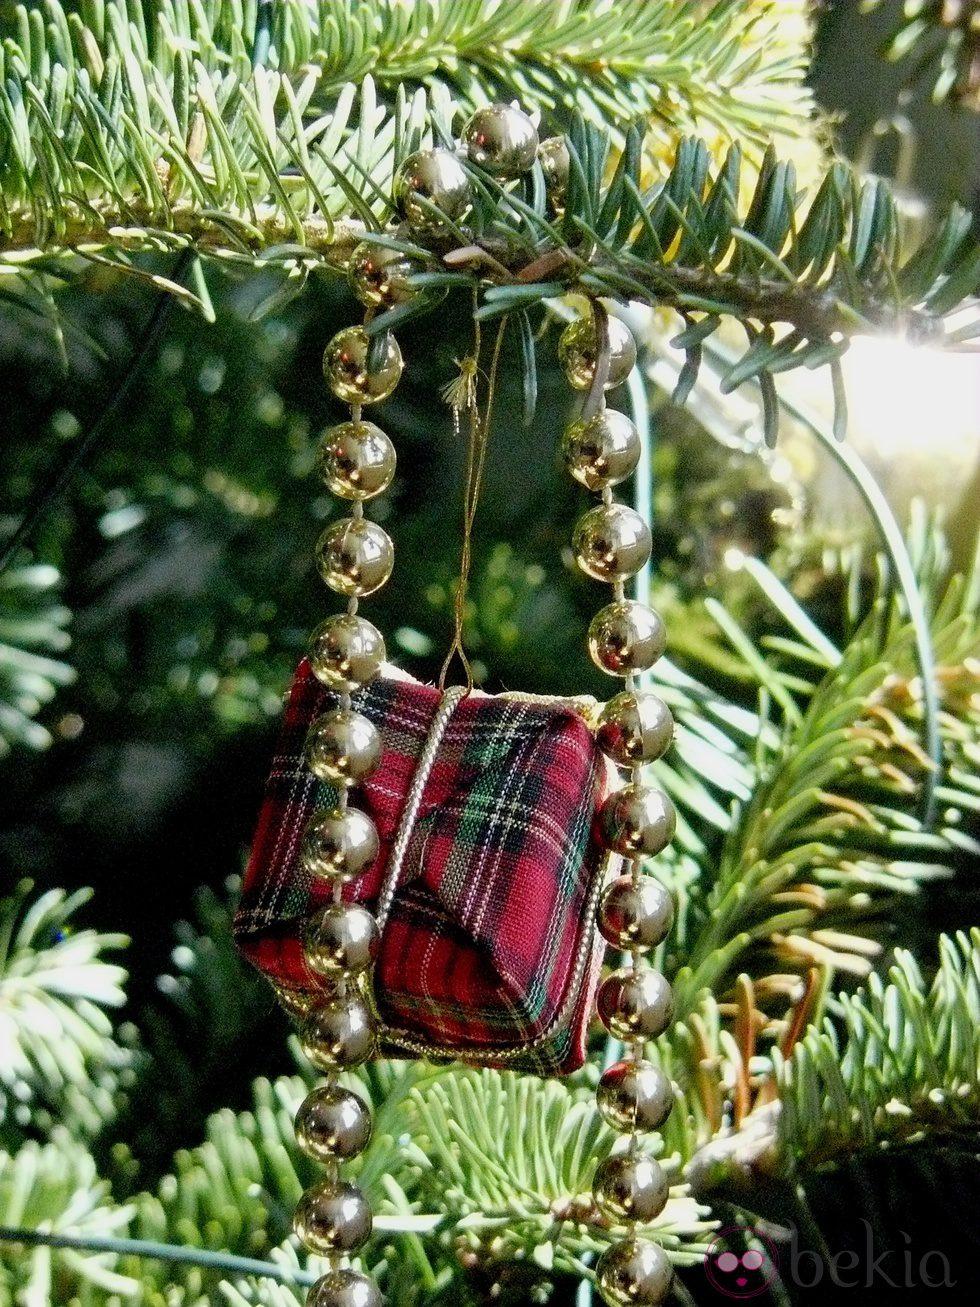 Rbol de navidad decorado con un collar dorado y regalitos - Imagenes de arboles navidad decorados ...